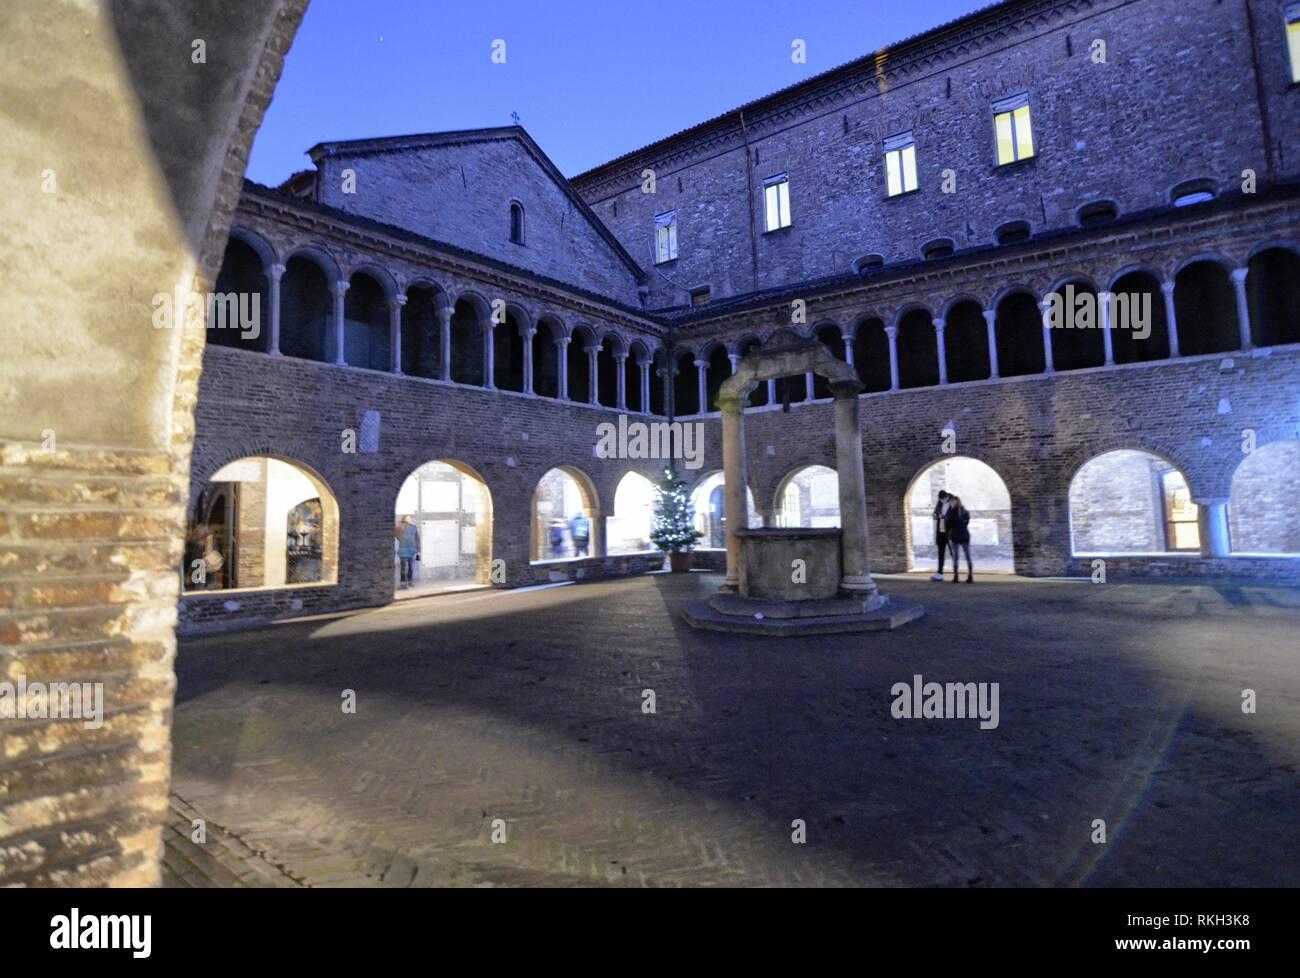 Bologna, Emilia Romagna, Italia. Dicembre 2018. La Basilica di Santo Stefano è un complesso di edifici religiosi chiamati sette chiese. Nella foto il Immagini Stock